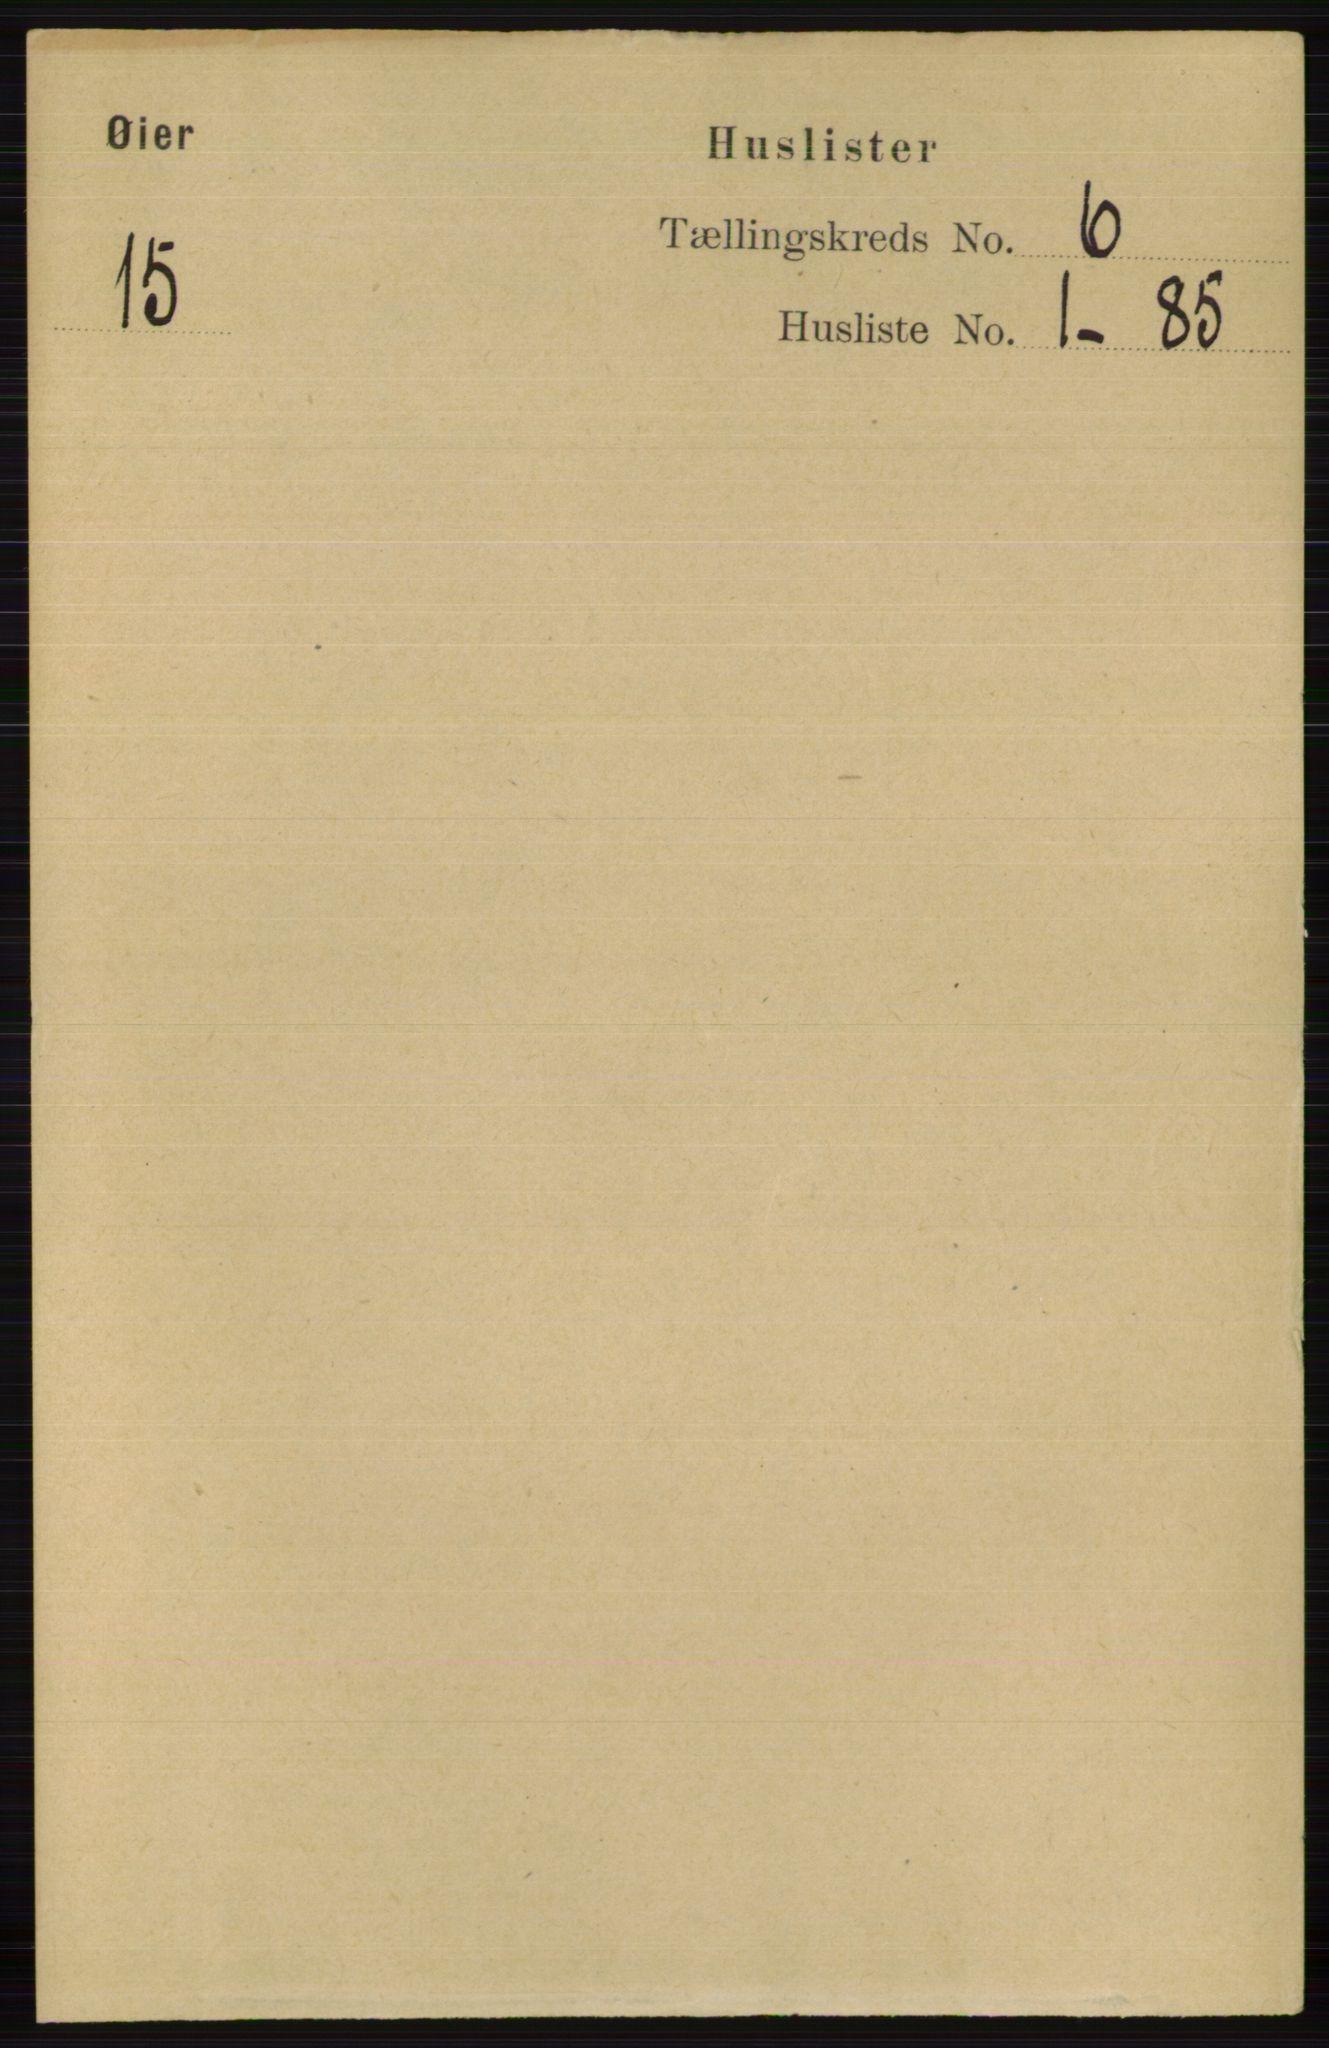 RA, Folketelling 1891 for 0521 Øyer herred, 1891, s. 1930